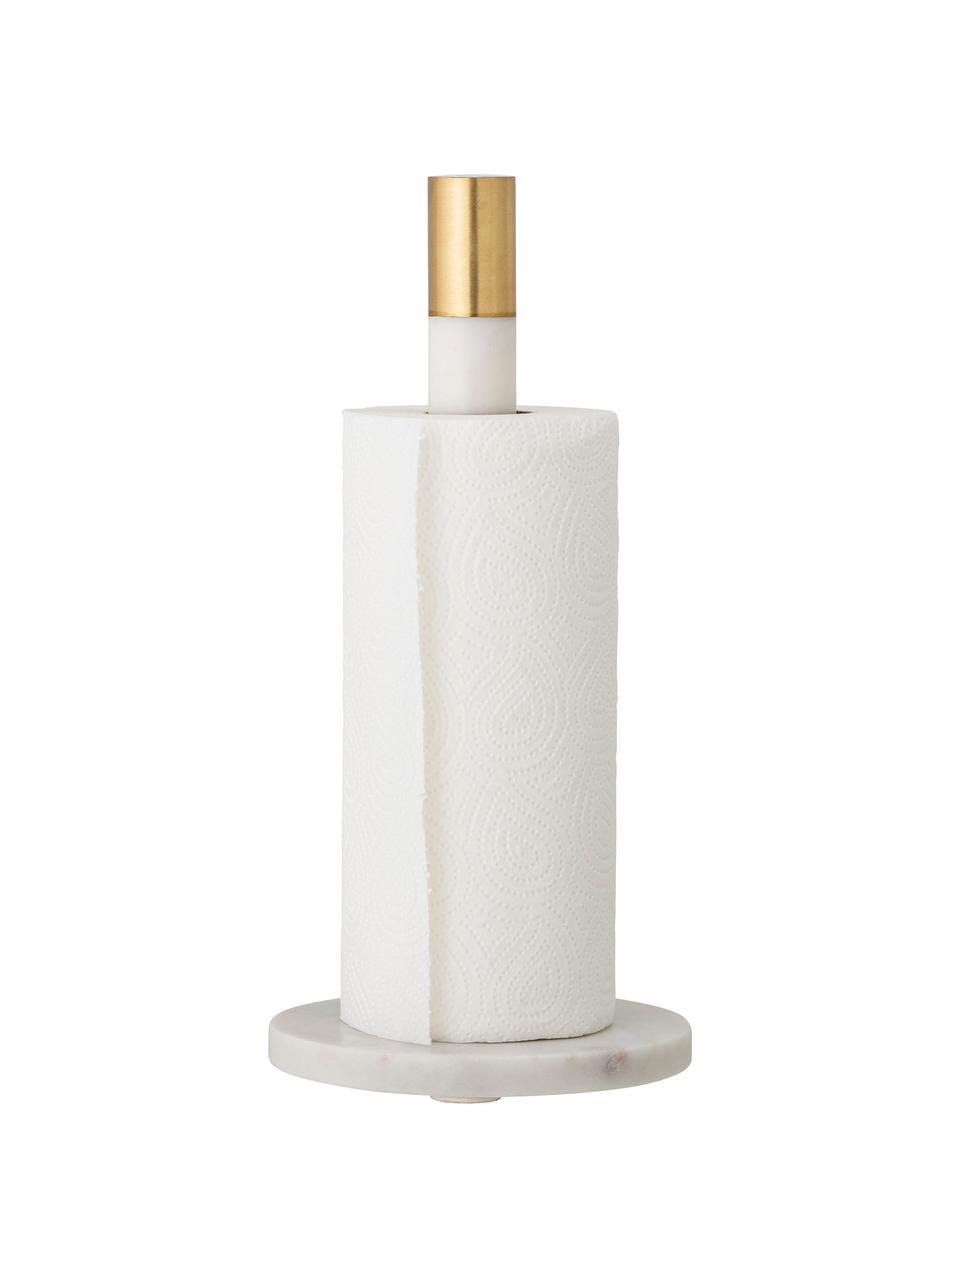 Marmor-Küchenrollenhalter Emira, Dekor: Messing, Weiß, Ø 15 cm